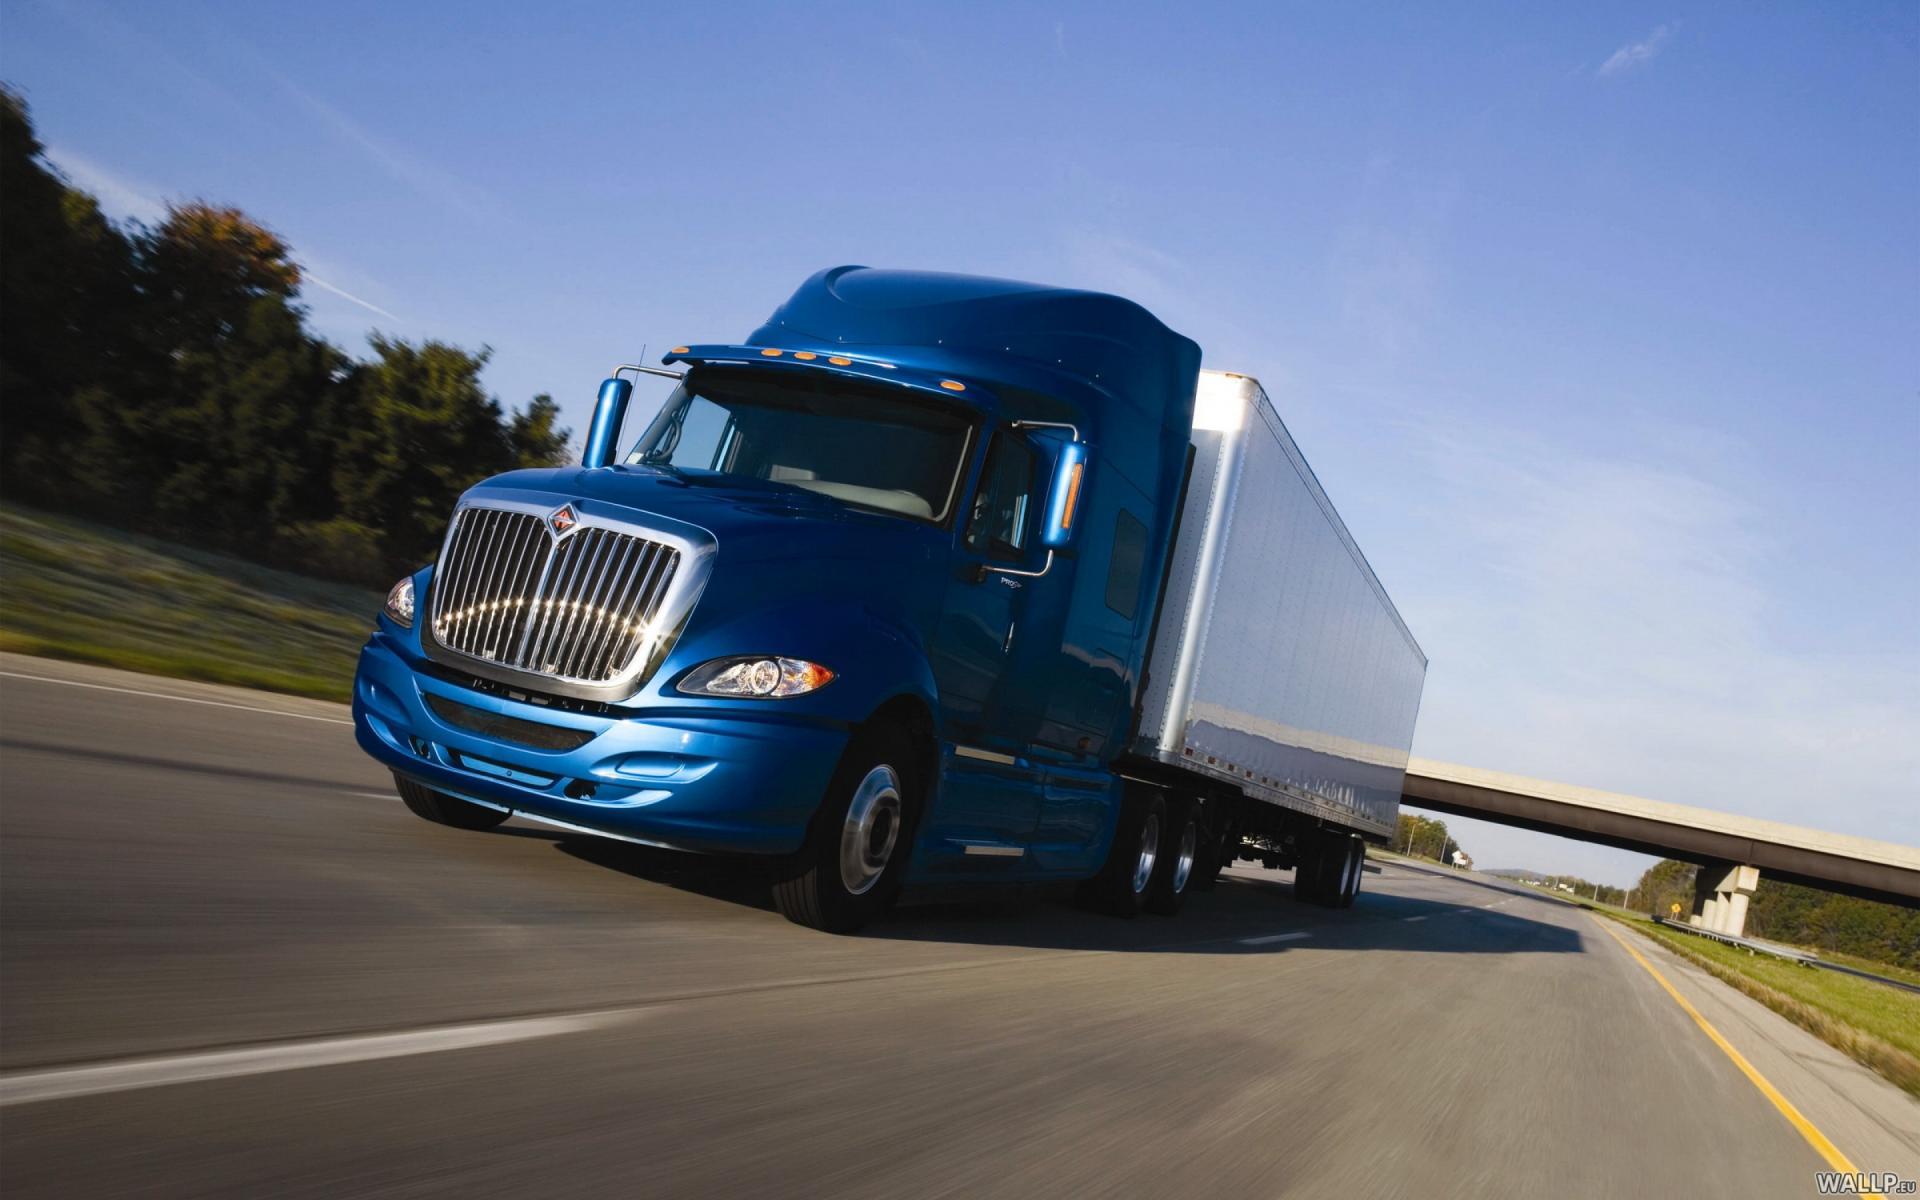 International Trucks запустила в производство новые грузовики НХ